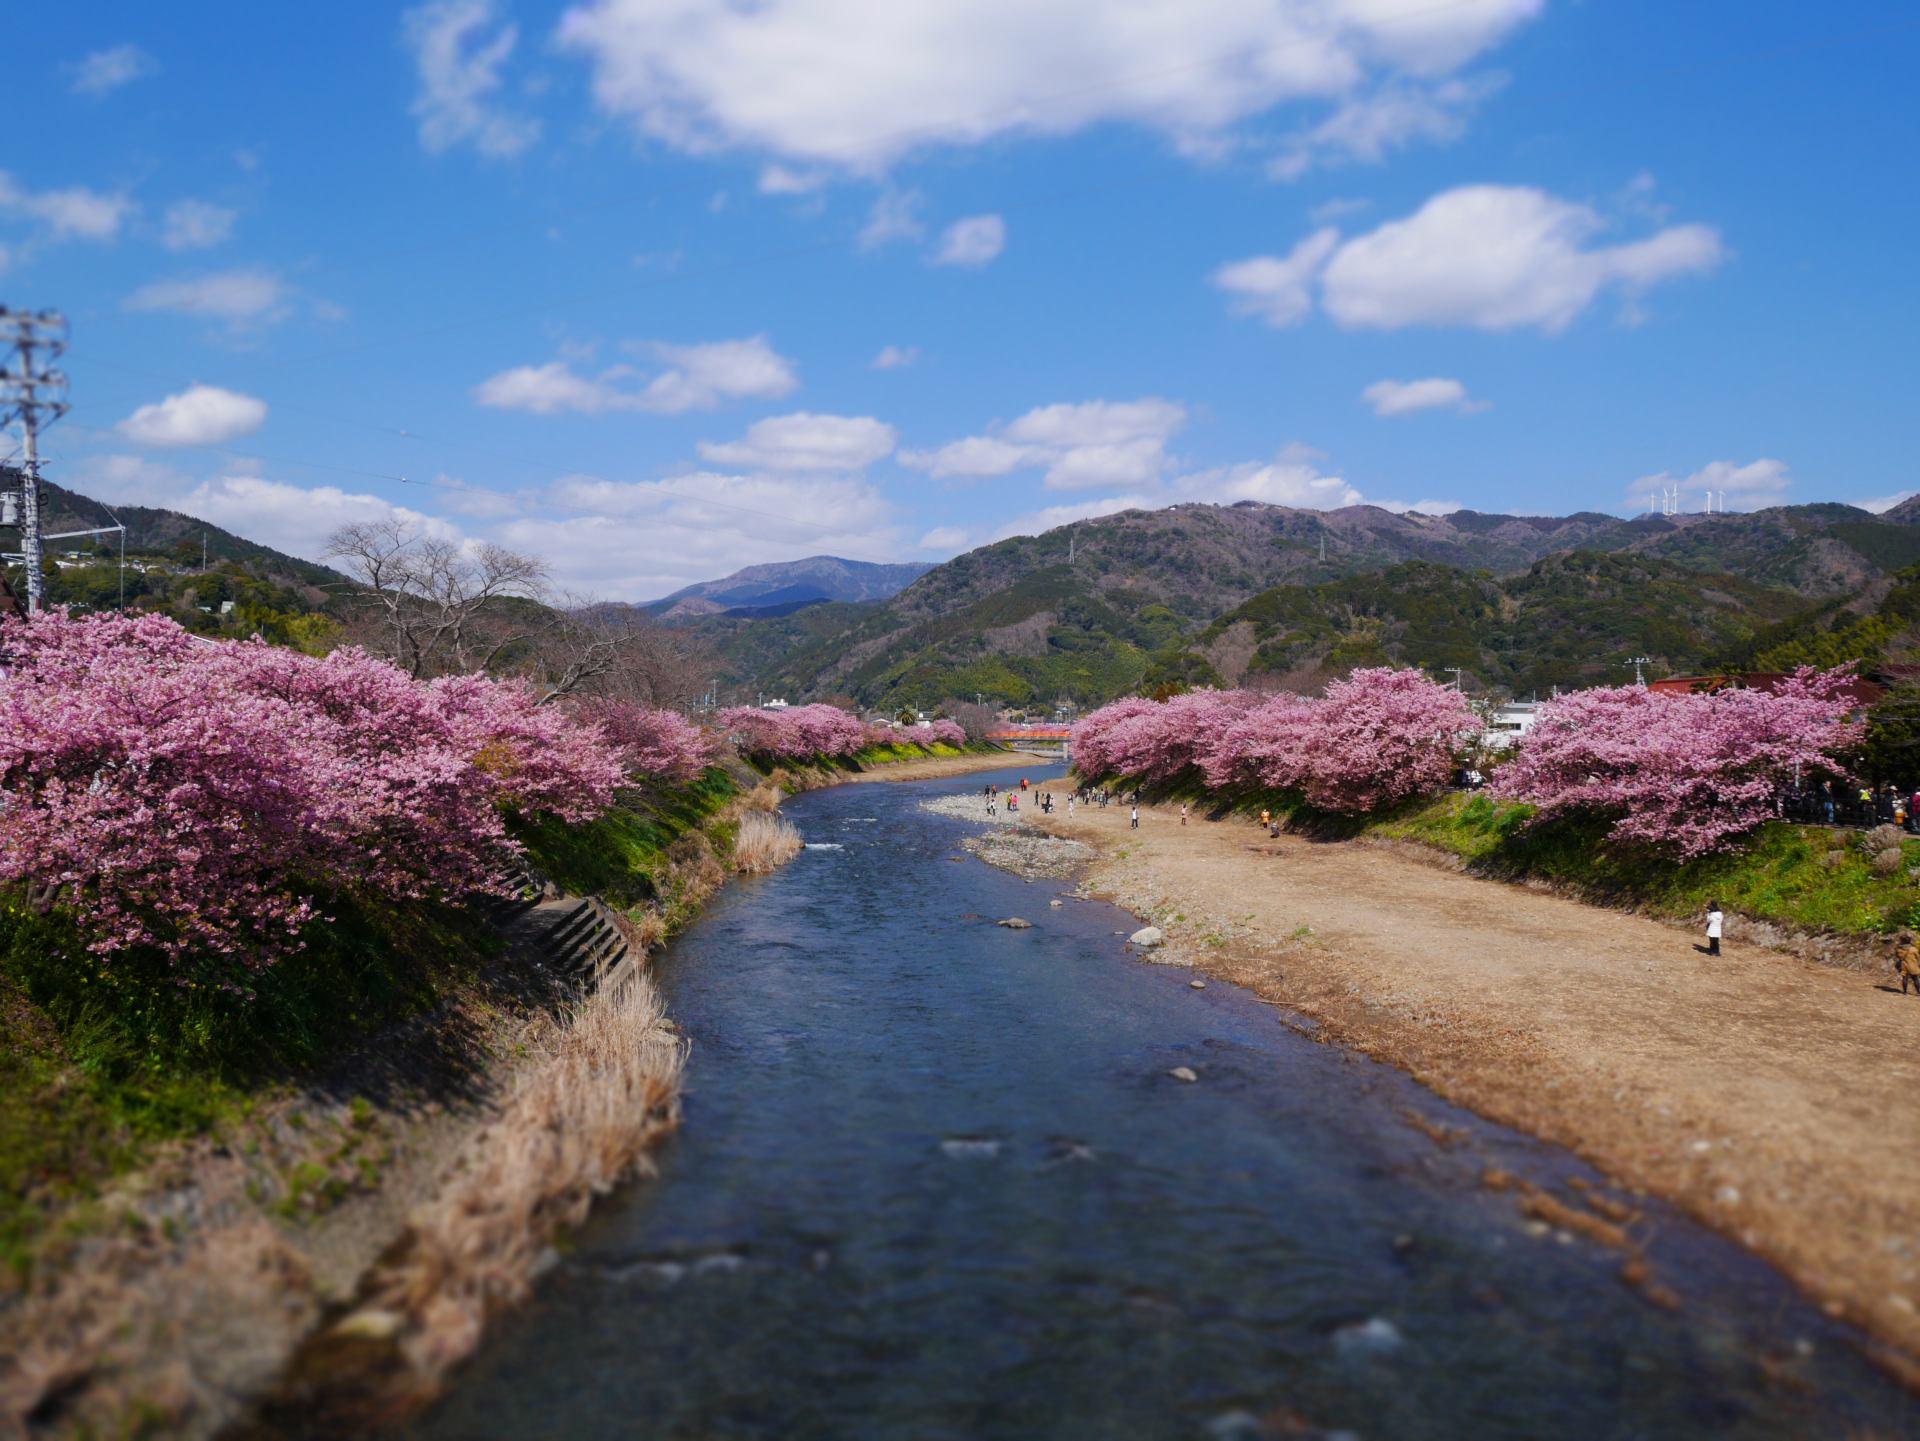 在「來宮橋」上觀賞河川上游的風景